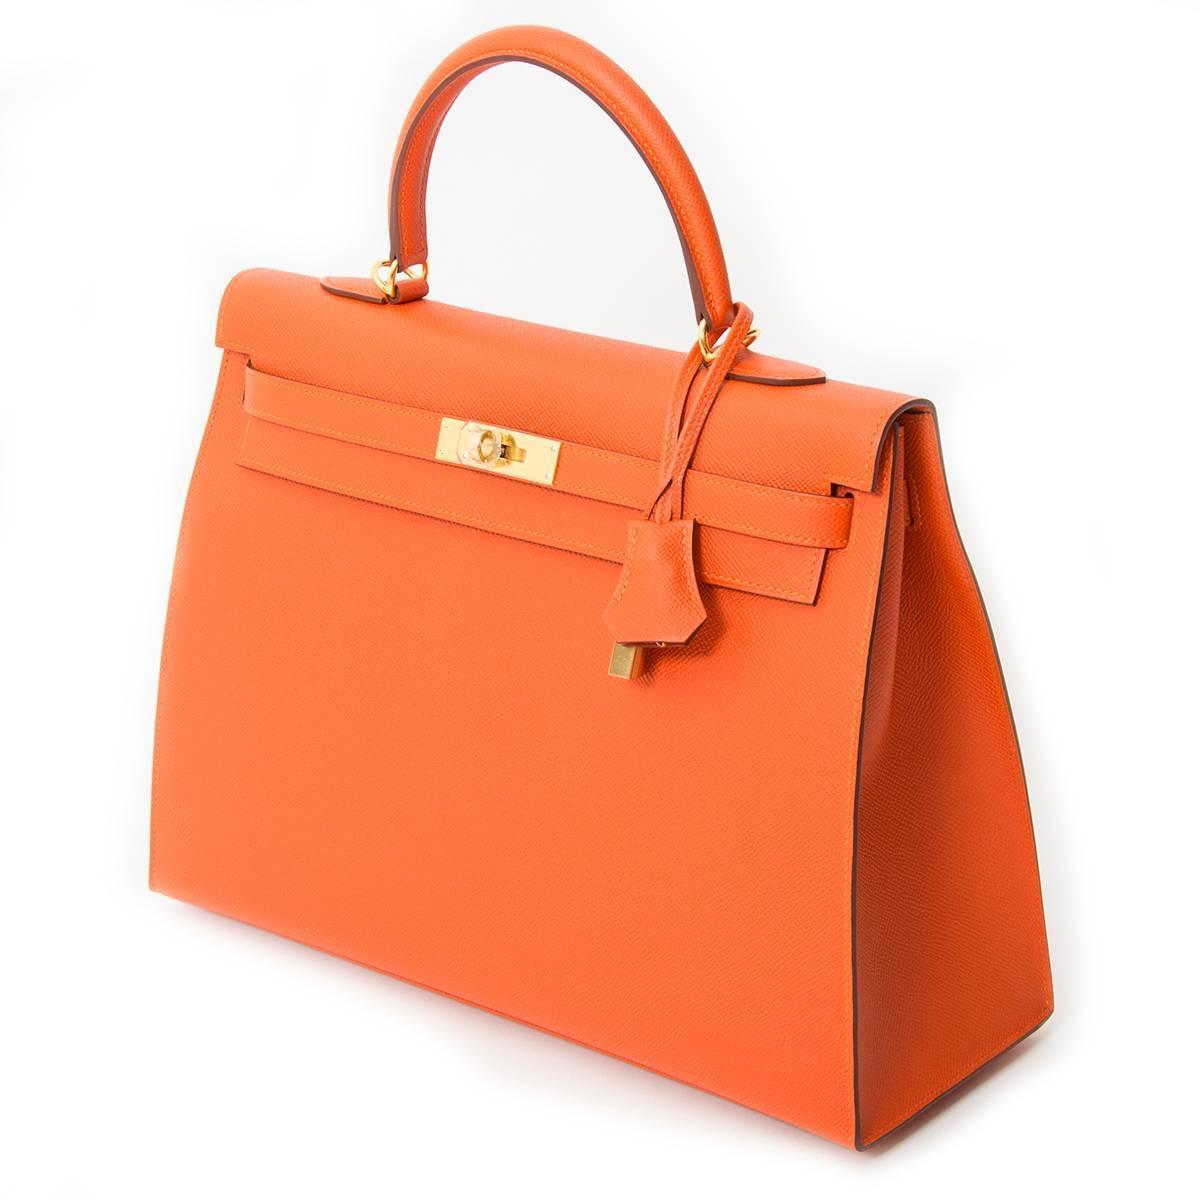 005f9b7a44 Hermès Kelly 35 Feu Epsom GHW For Sale at 1stdibs